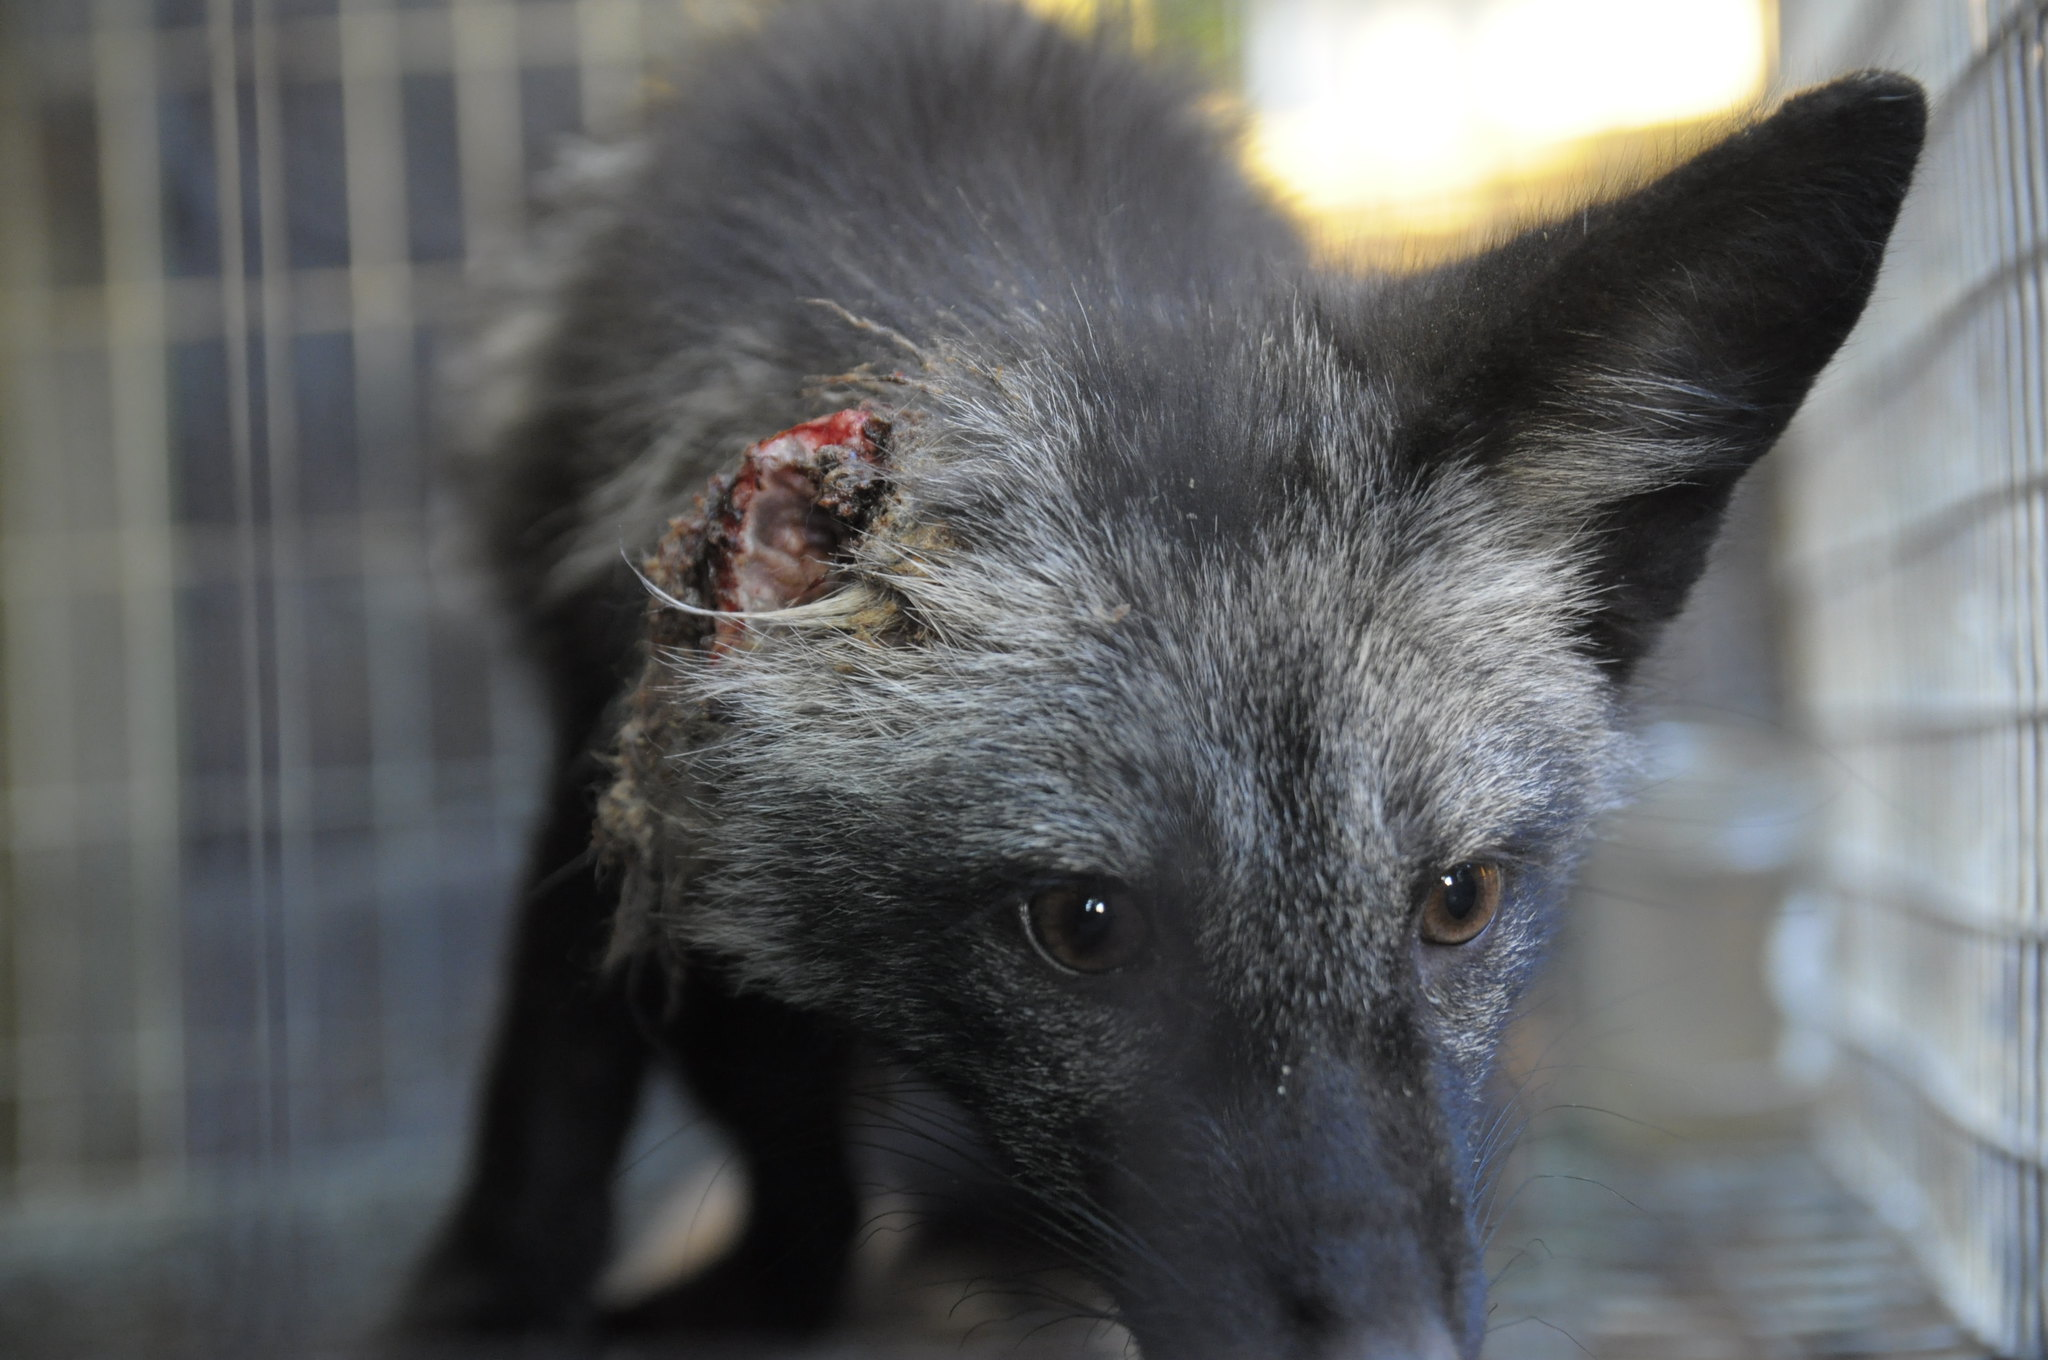 Warunki panujące na fermach futrzarskich rażąco łamią dobrostan zwierząt